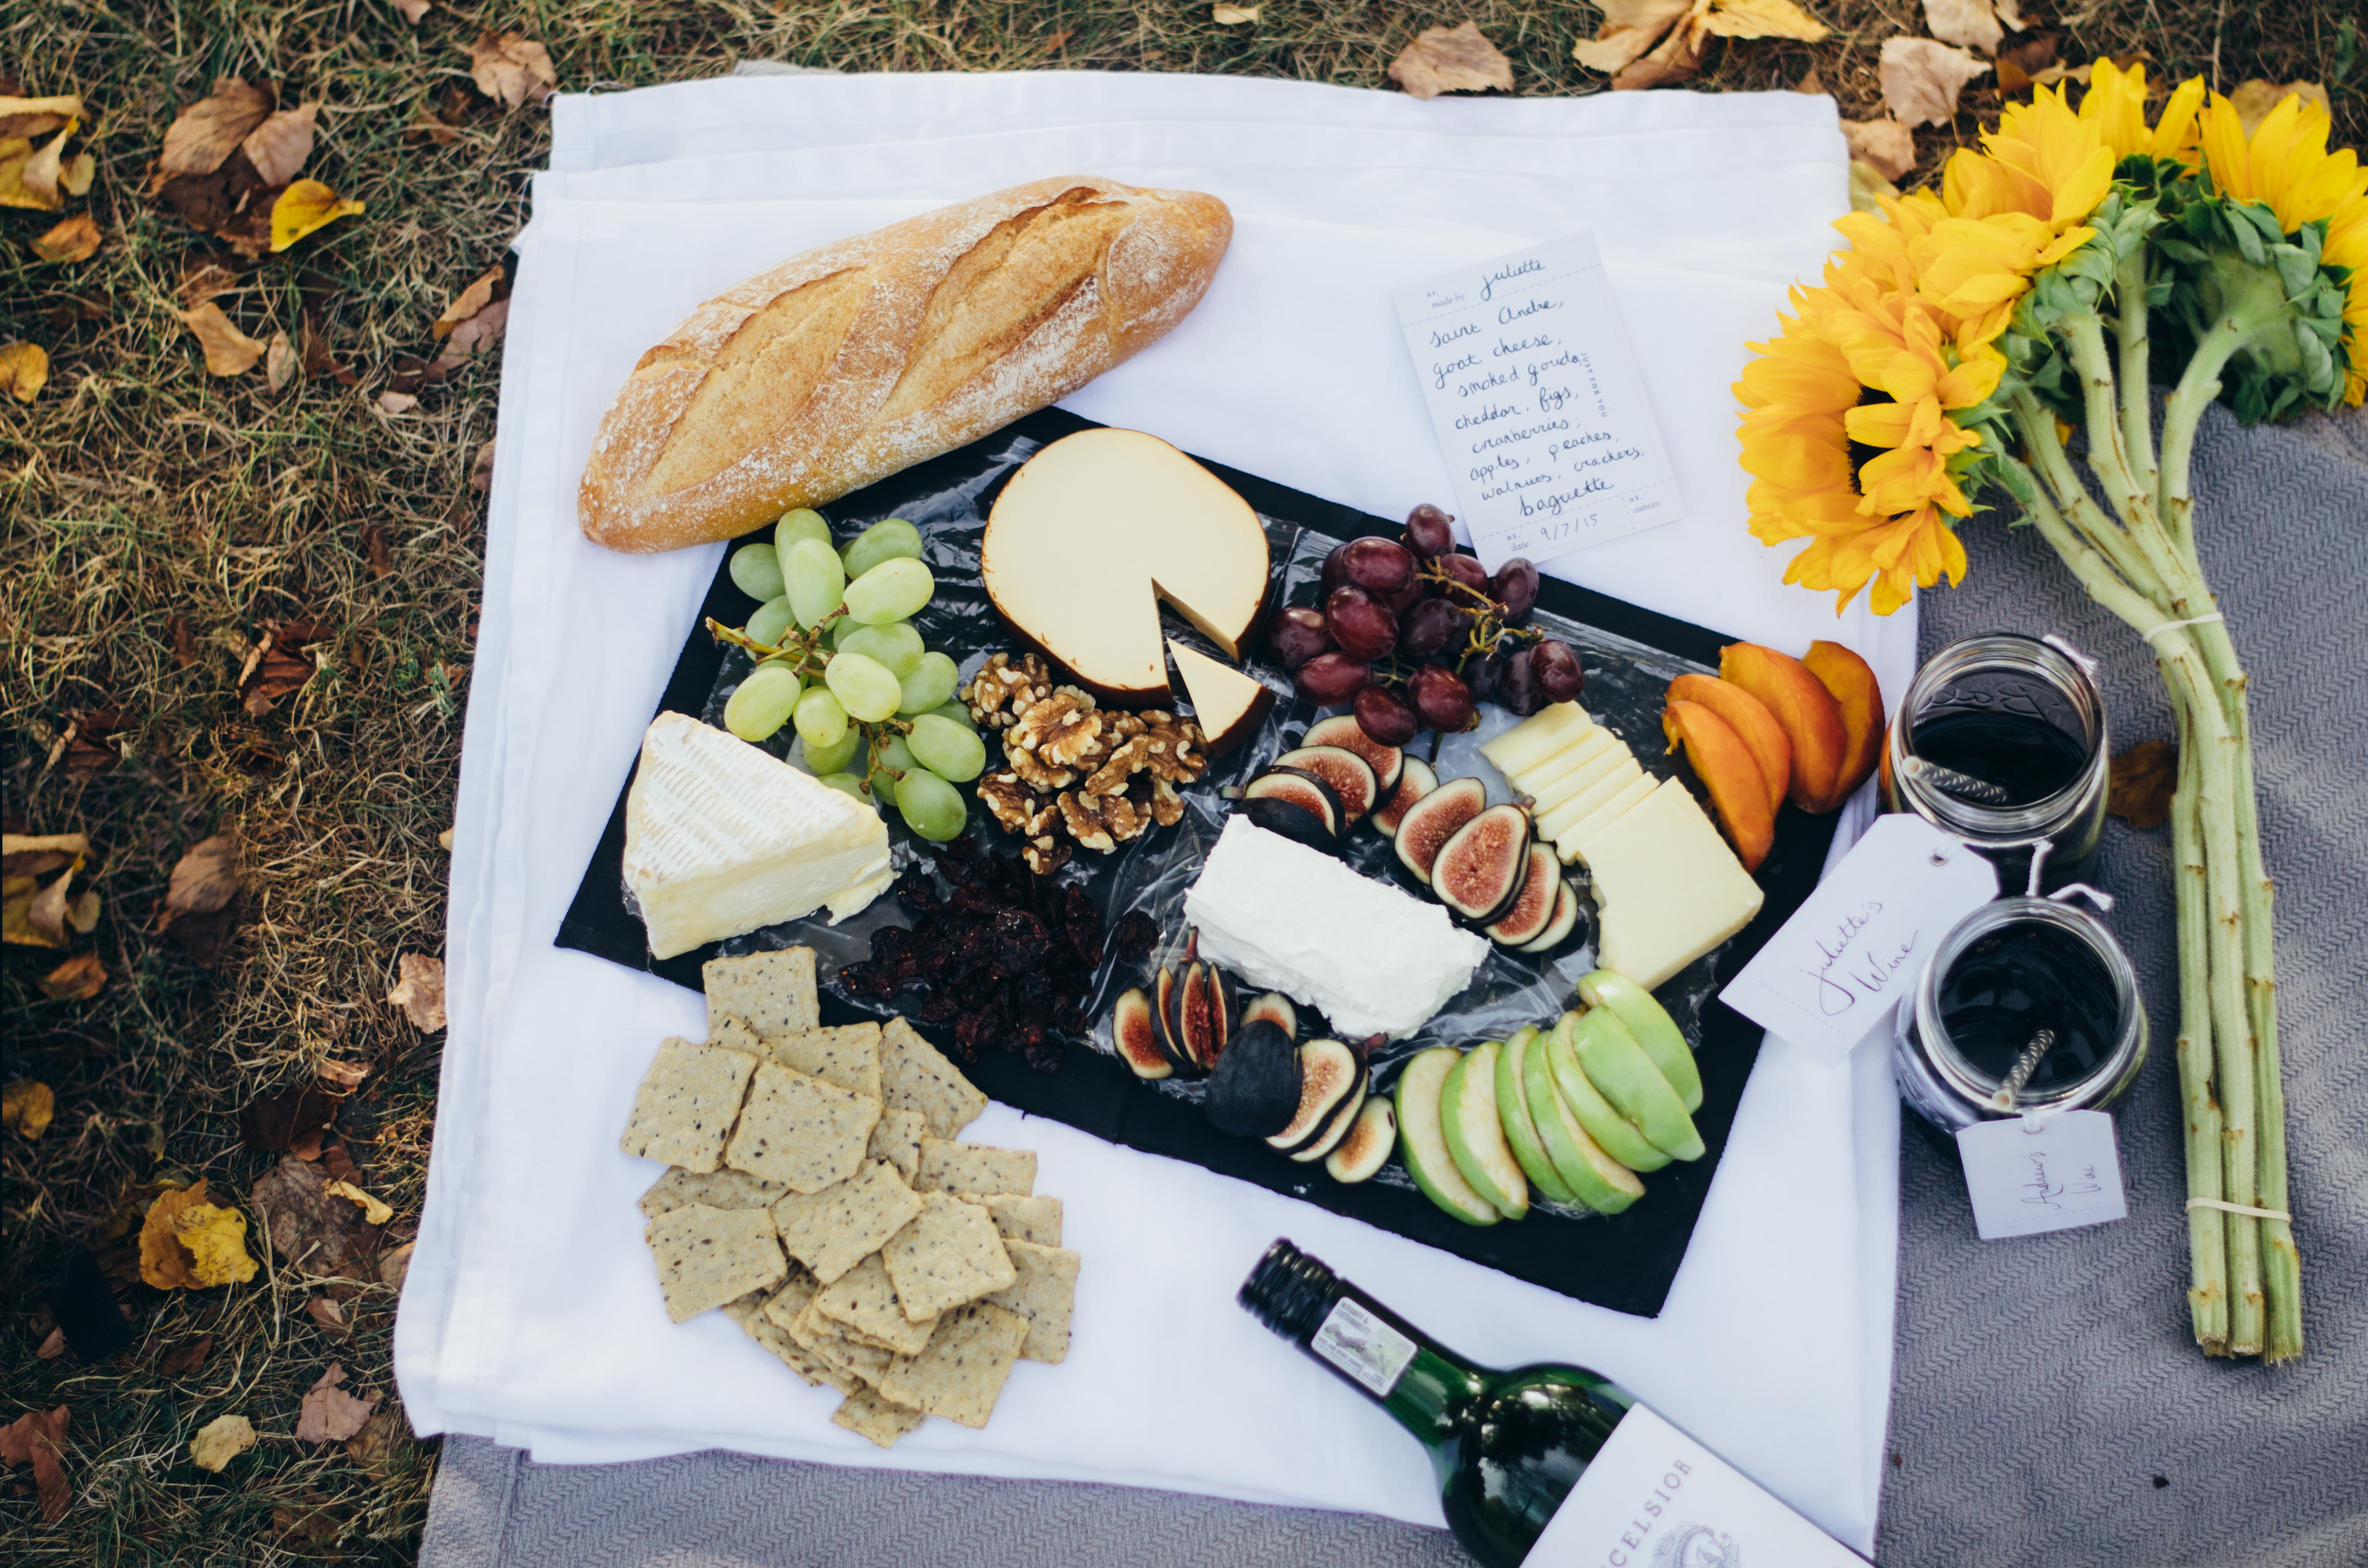 Fall Cheeseboard on a Chalkboard Platter juliettelaura.blogspot.com